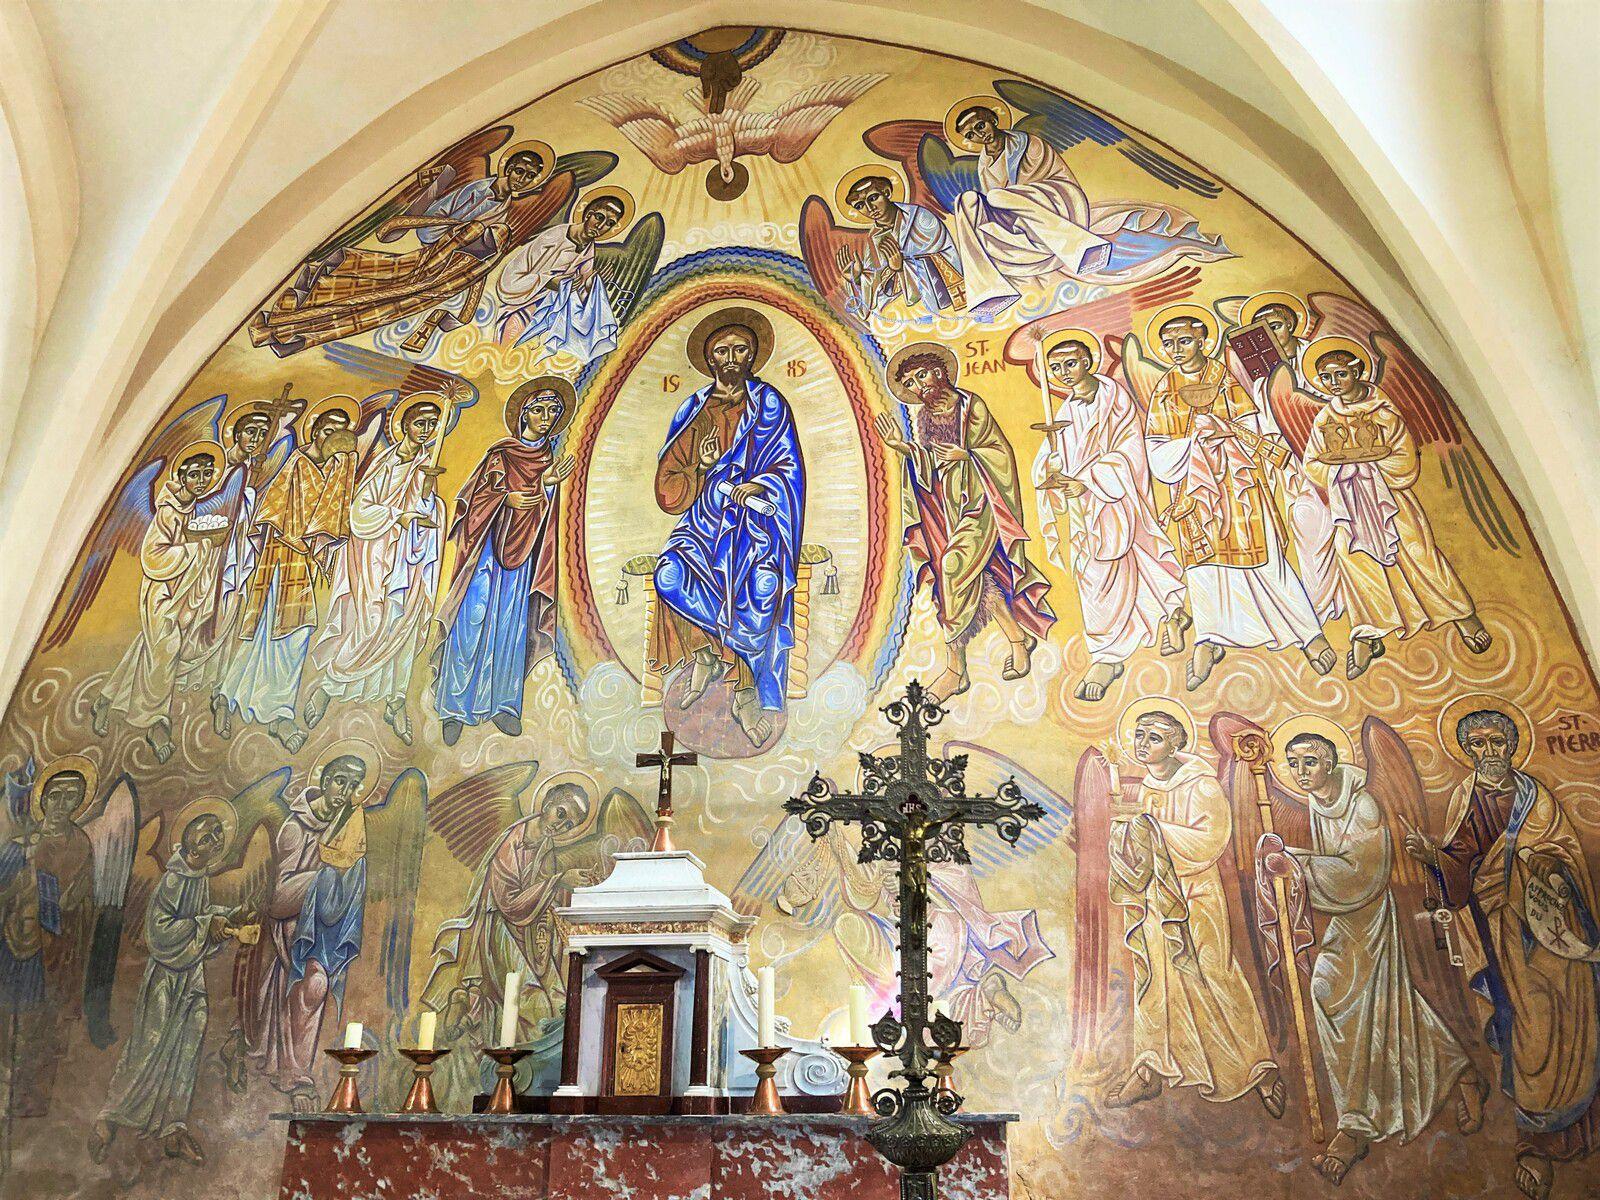 La superbe fresque de Nicolaï Greschny dans le chœur de l'église Saint Pierre de Lescure